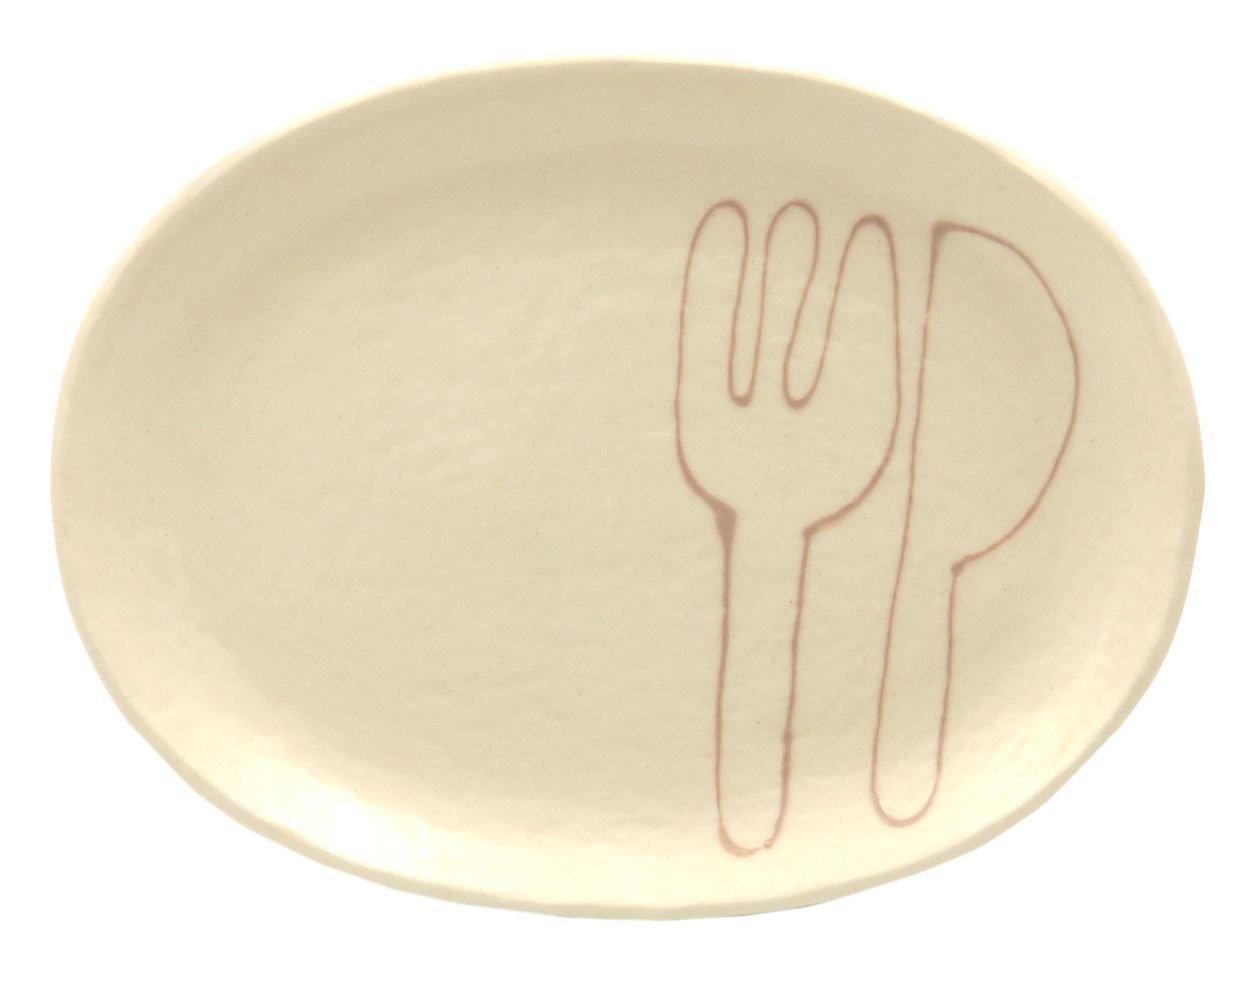 18cmの取り皿に使える楕円皿 3サイズの真ん中のお皿【楕円皿中(フォーク&ナイフモカ)】